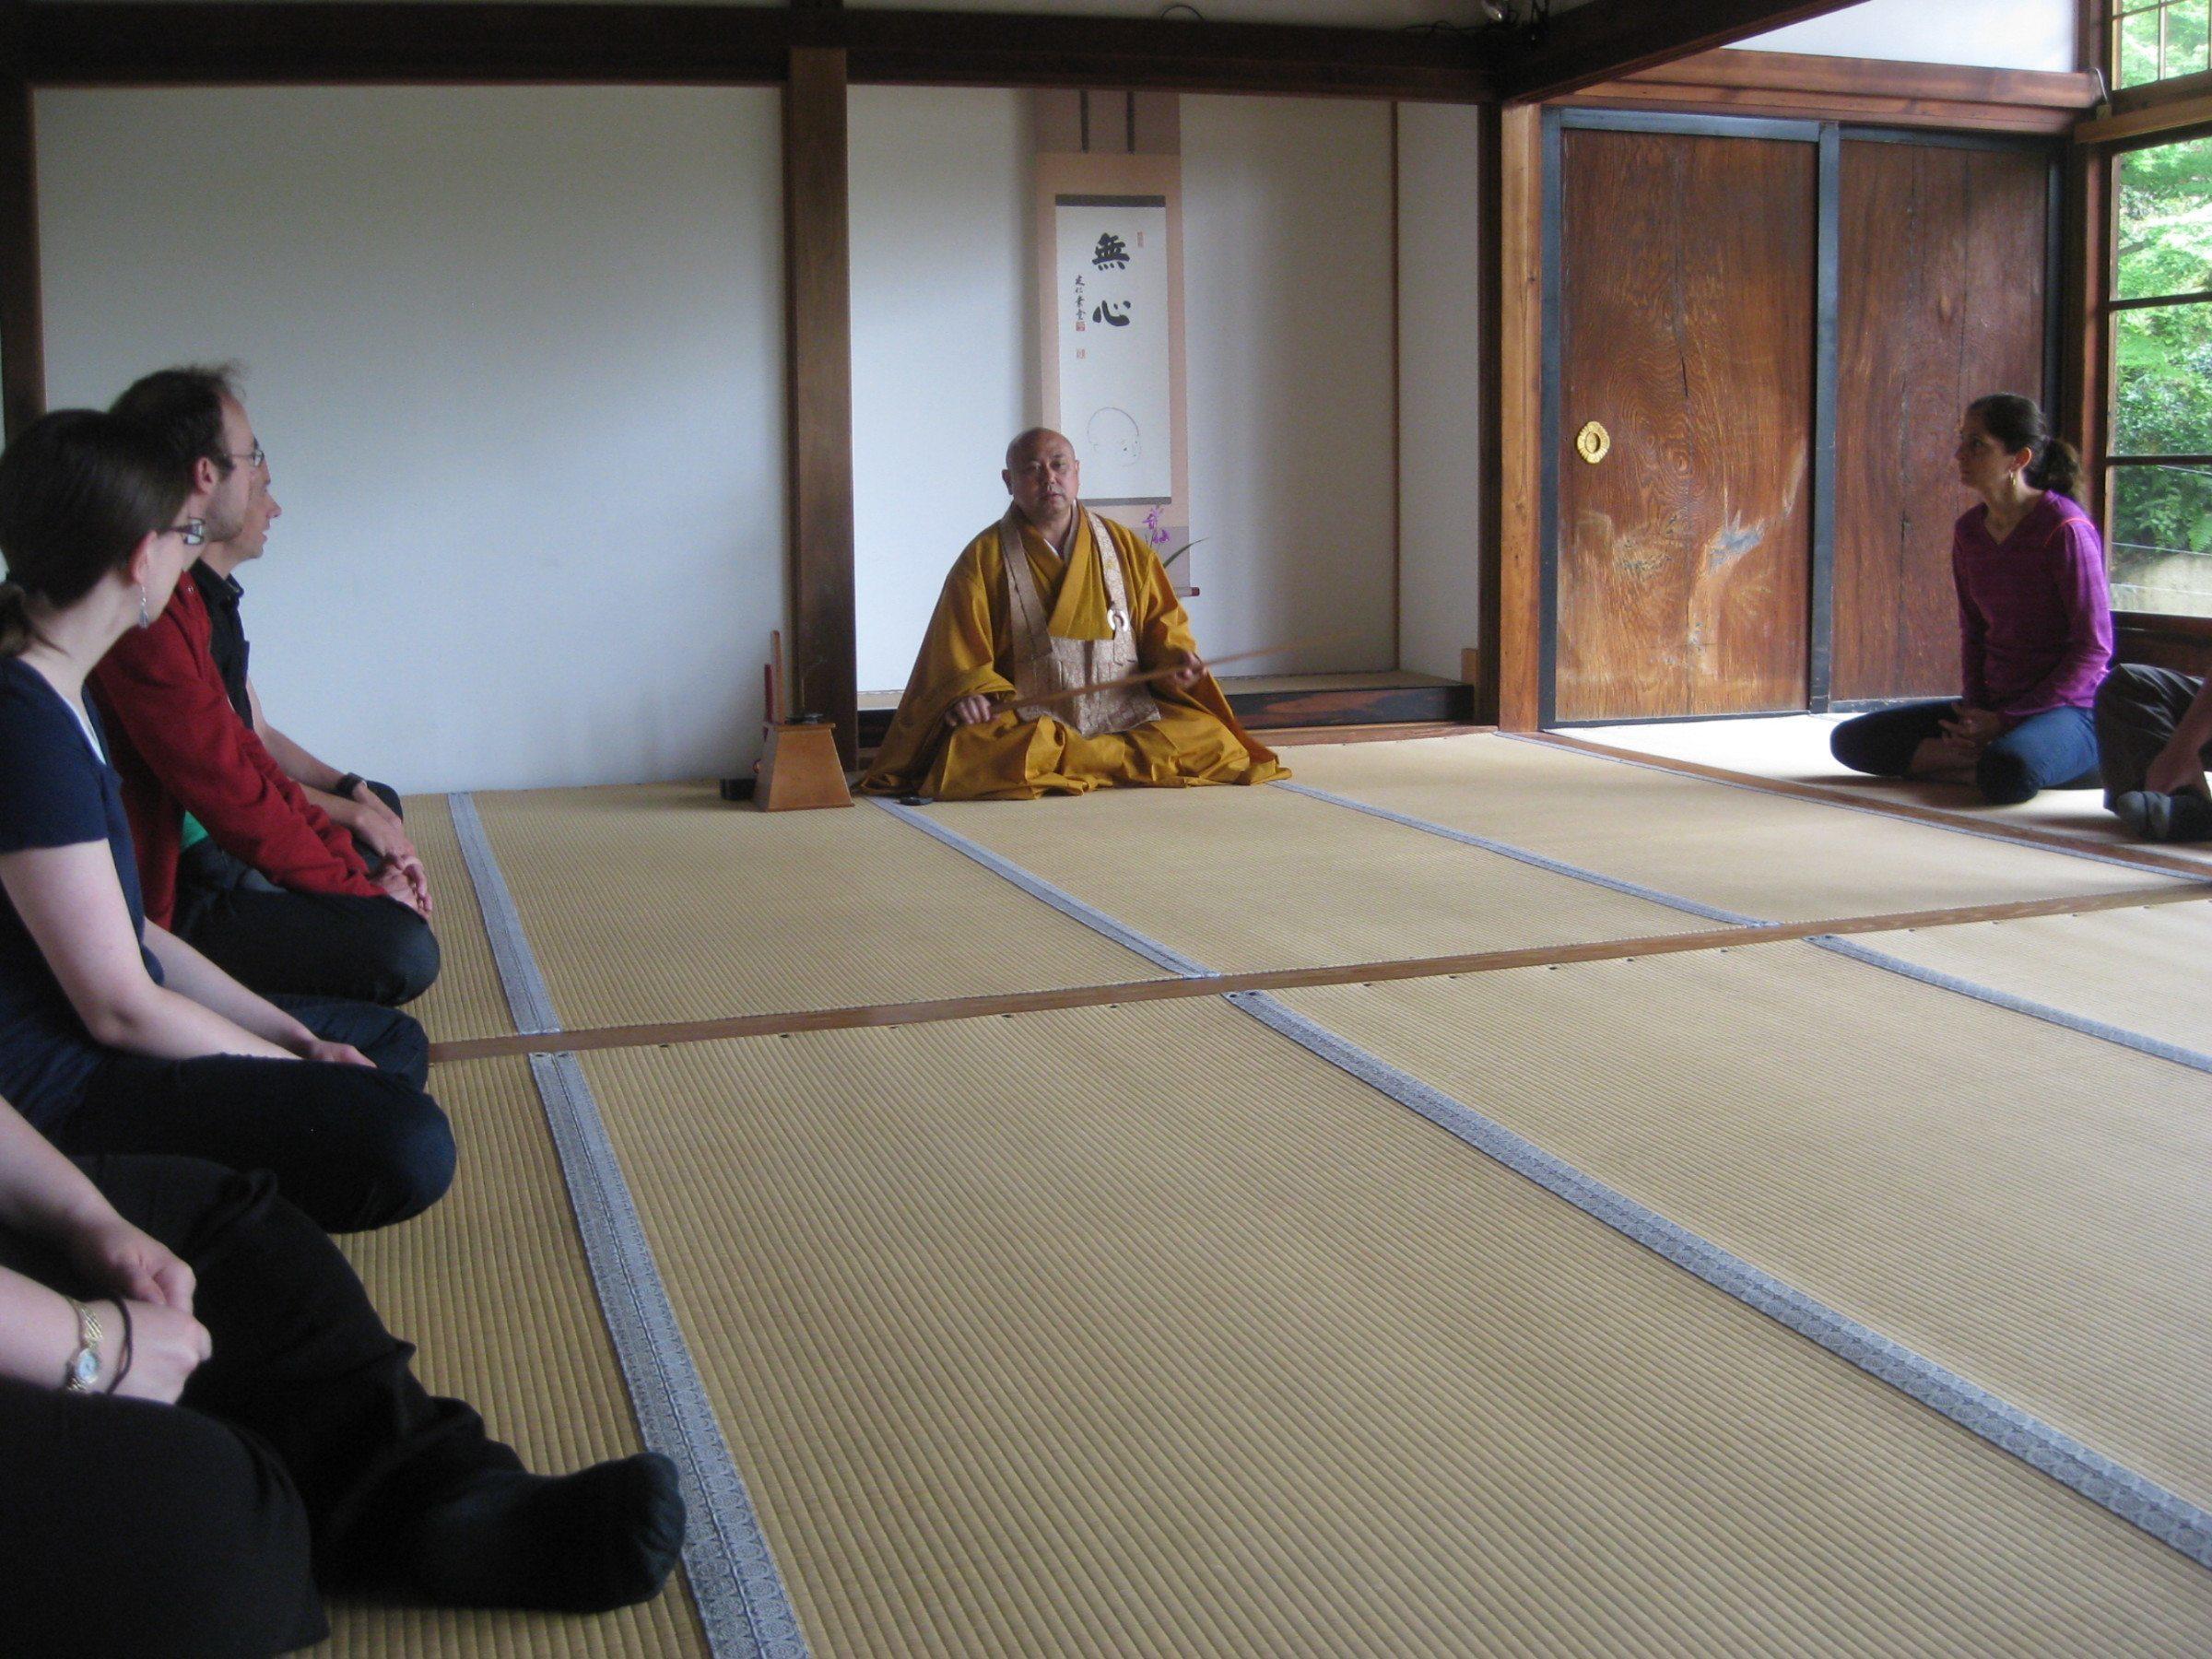 Zen moments in Kyoto